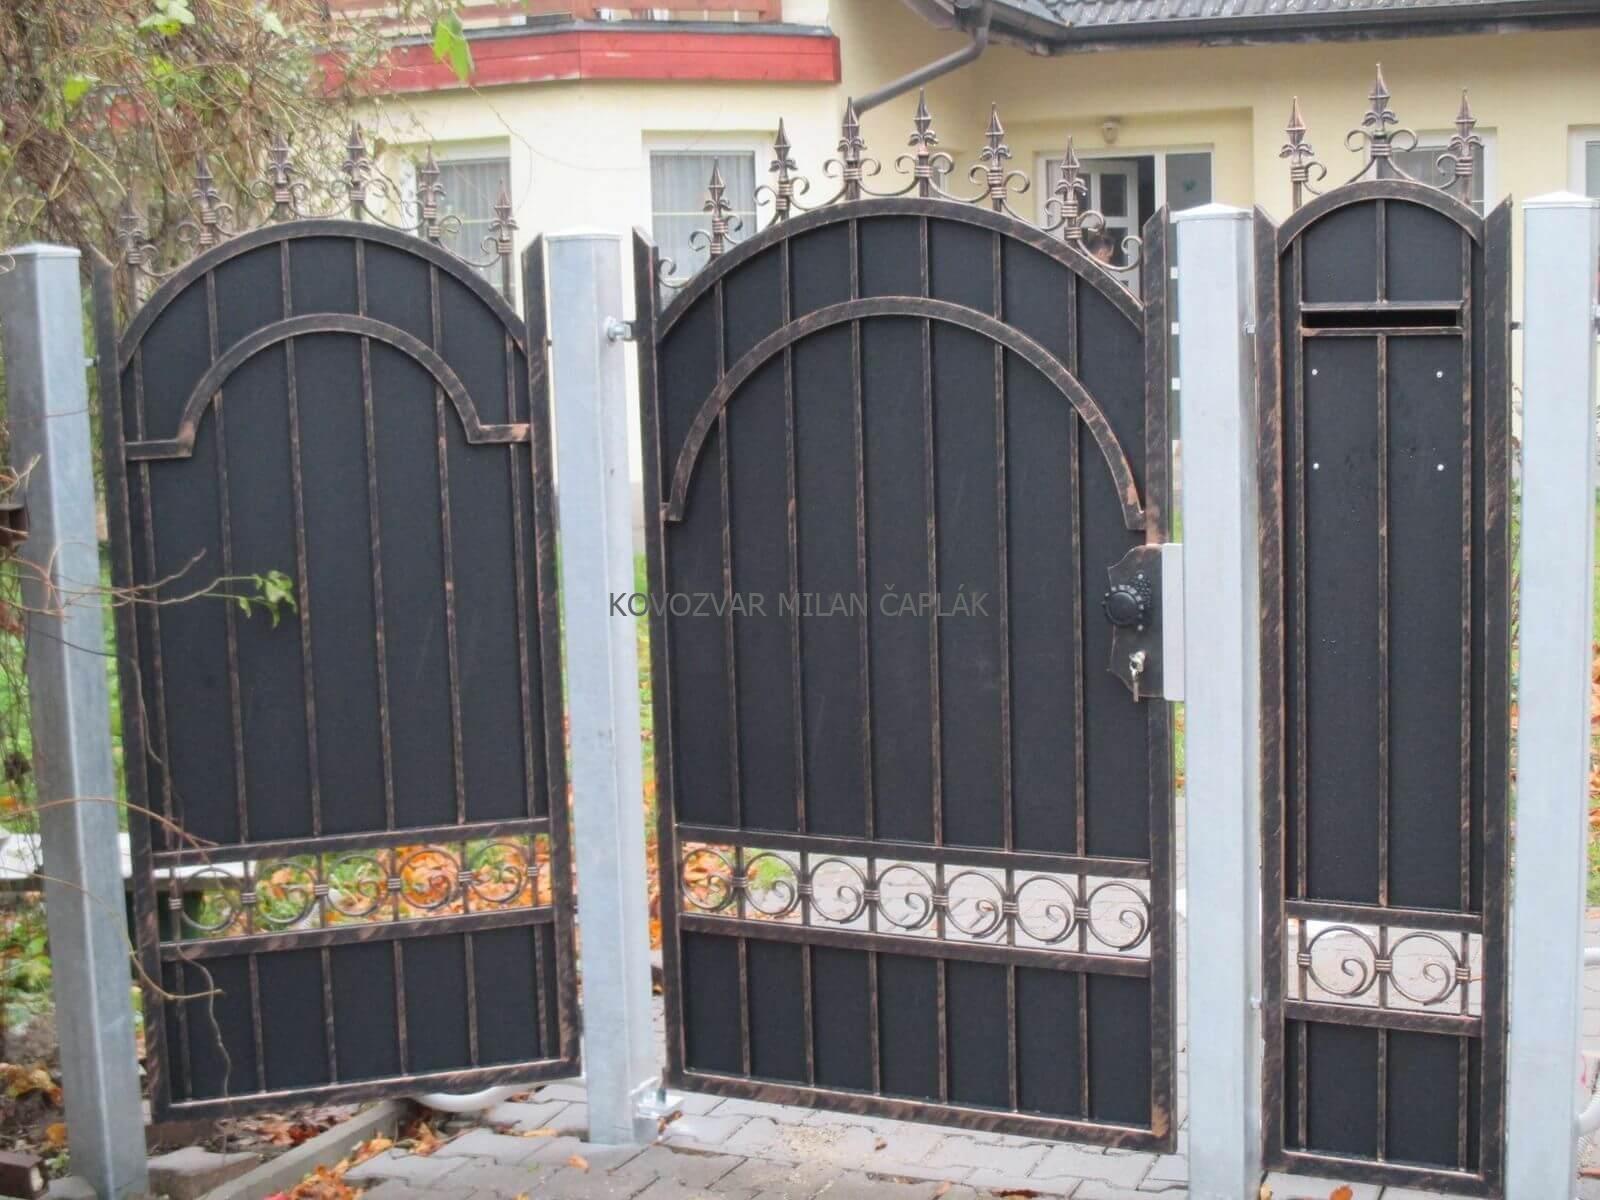 Posuvné kované brány, Samonosné kované brány, Dvojkrídlové kované brány, Pozinkované kované brány, Práškovo maľované kované brány, Luxusné kované brány za jedinečné ceny na trhu.